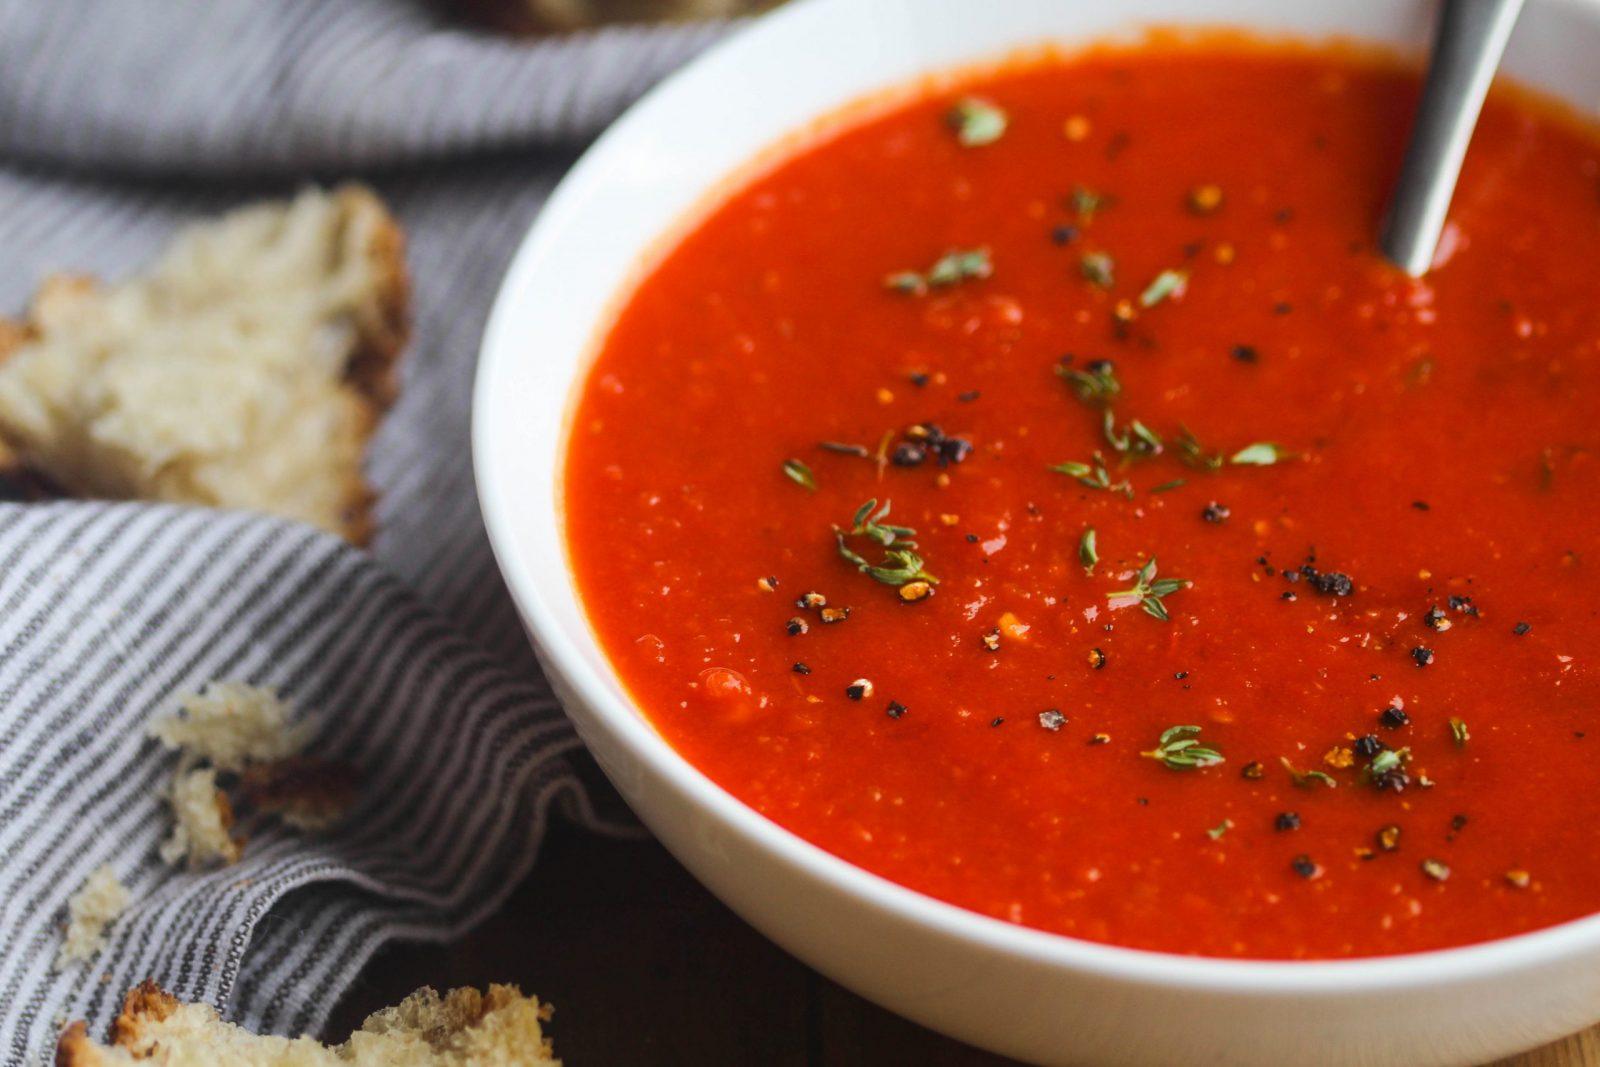 σούπα ντομάτας πλούσια σε αντιοξειδωτικά